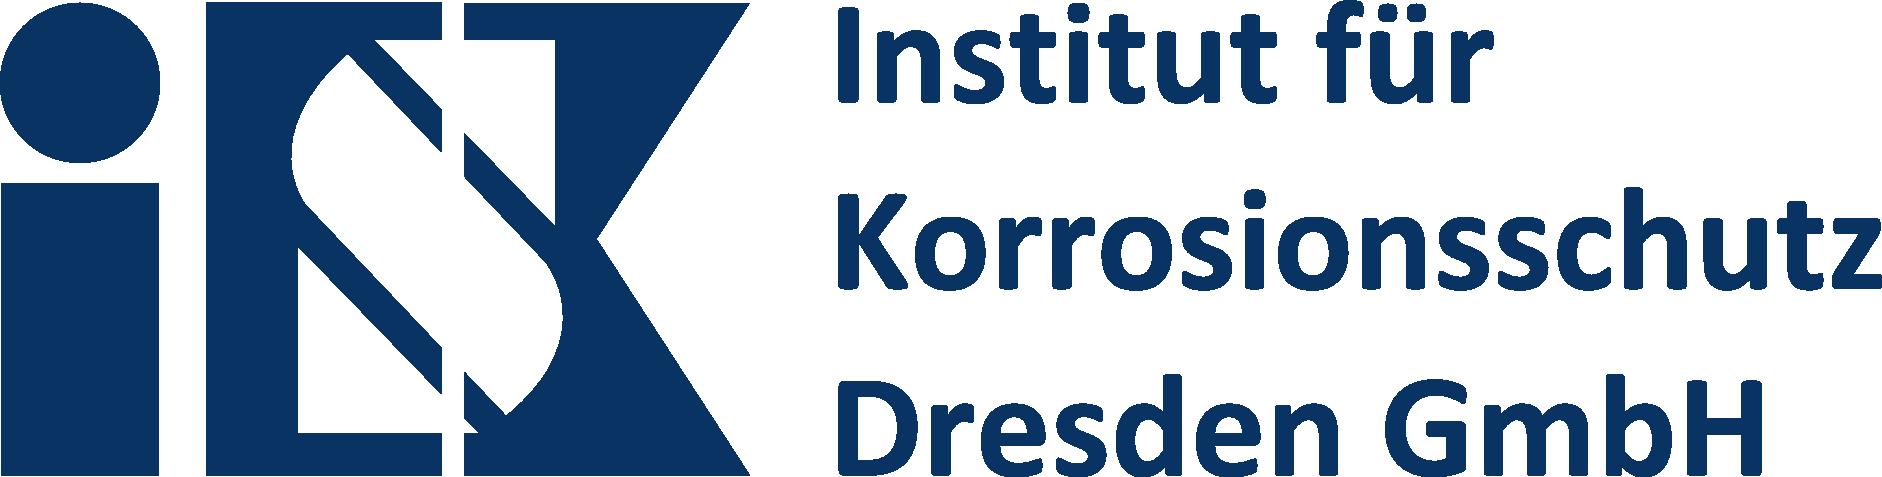 Institut für Korrosionsschutz Dresden GmbH